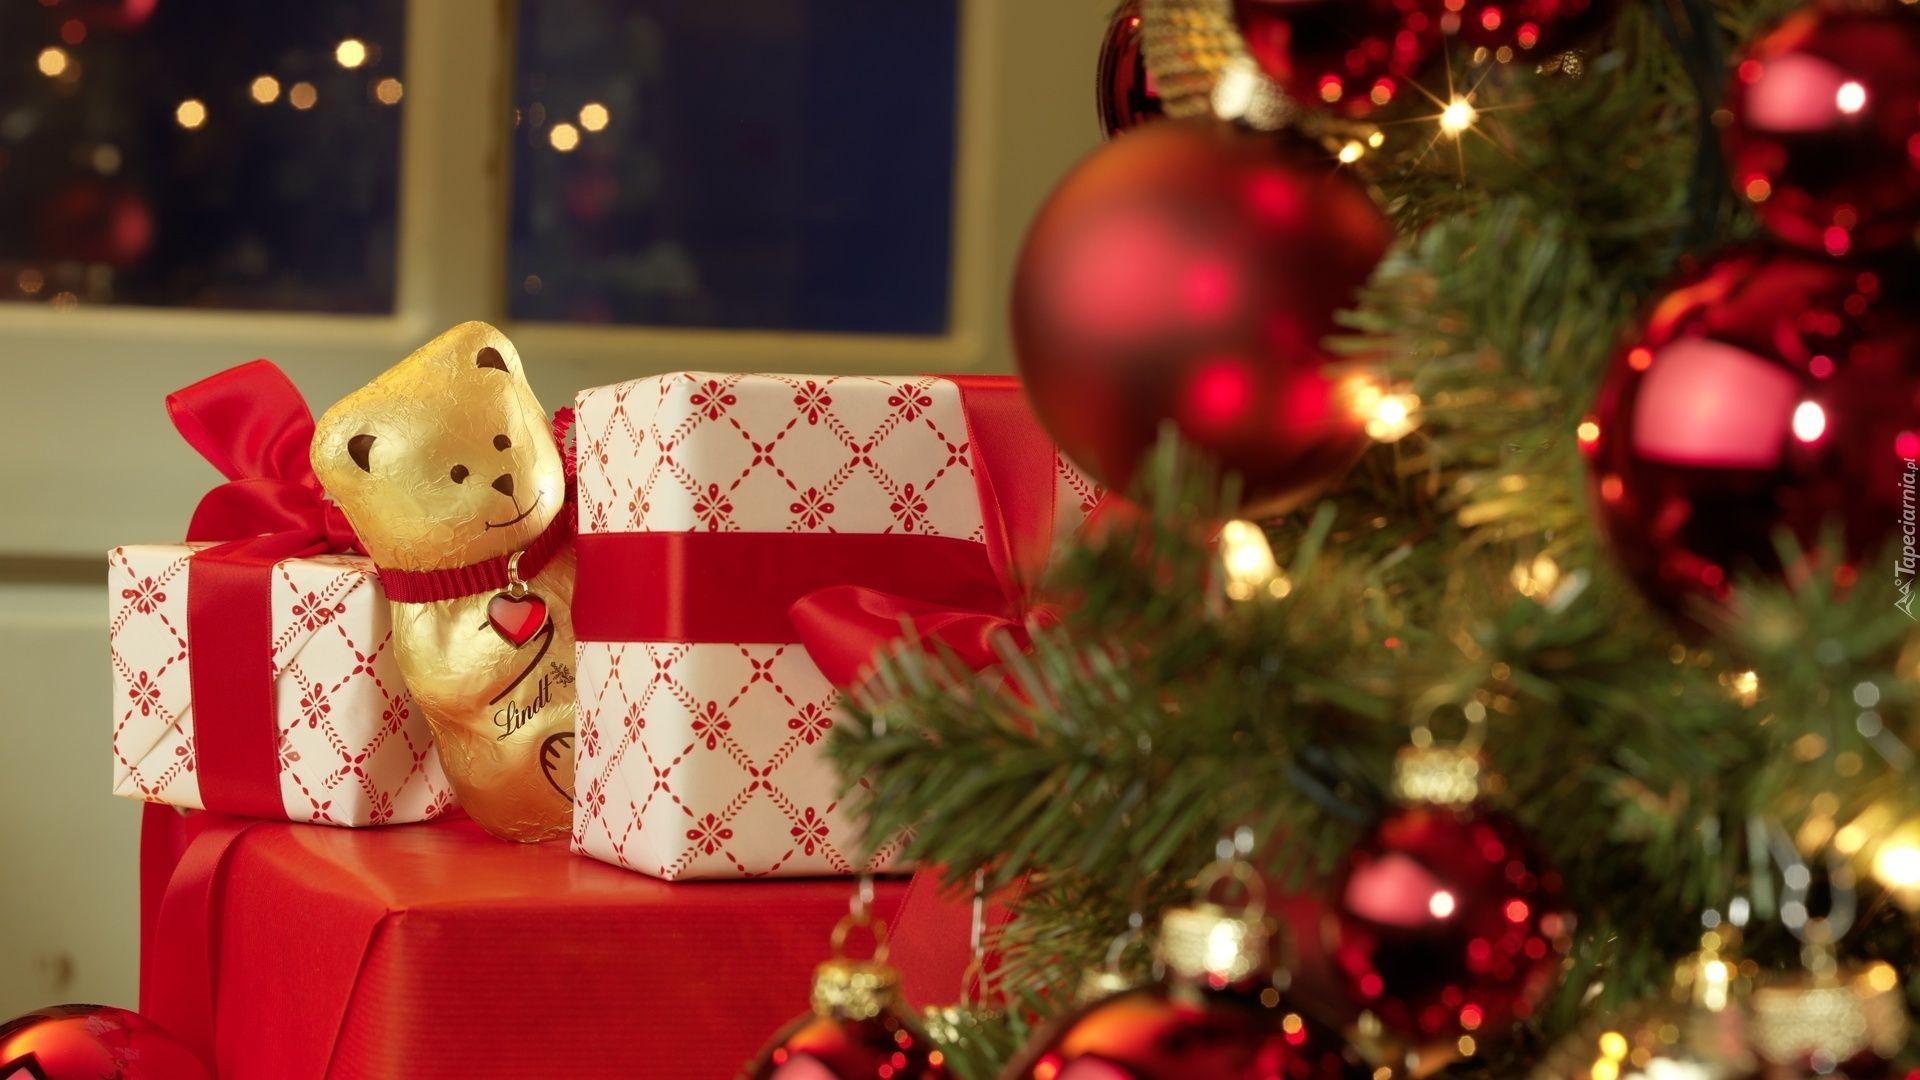 Boże Narodzenie, Choinka, Prezenty, Czekoladowy, Miś